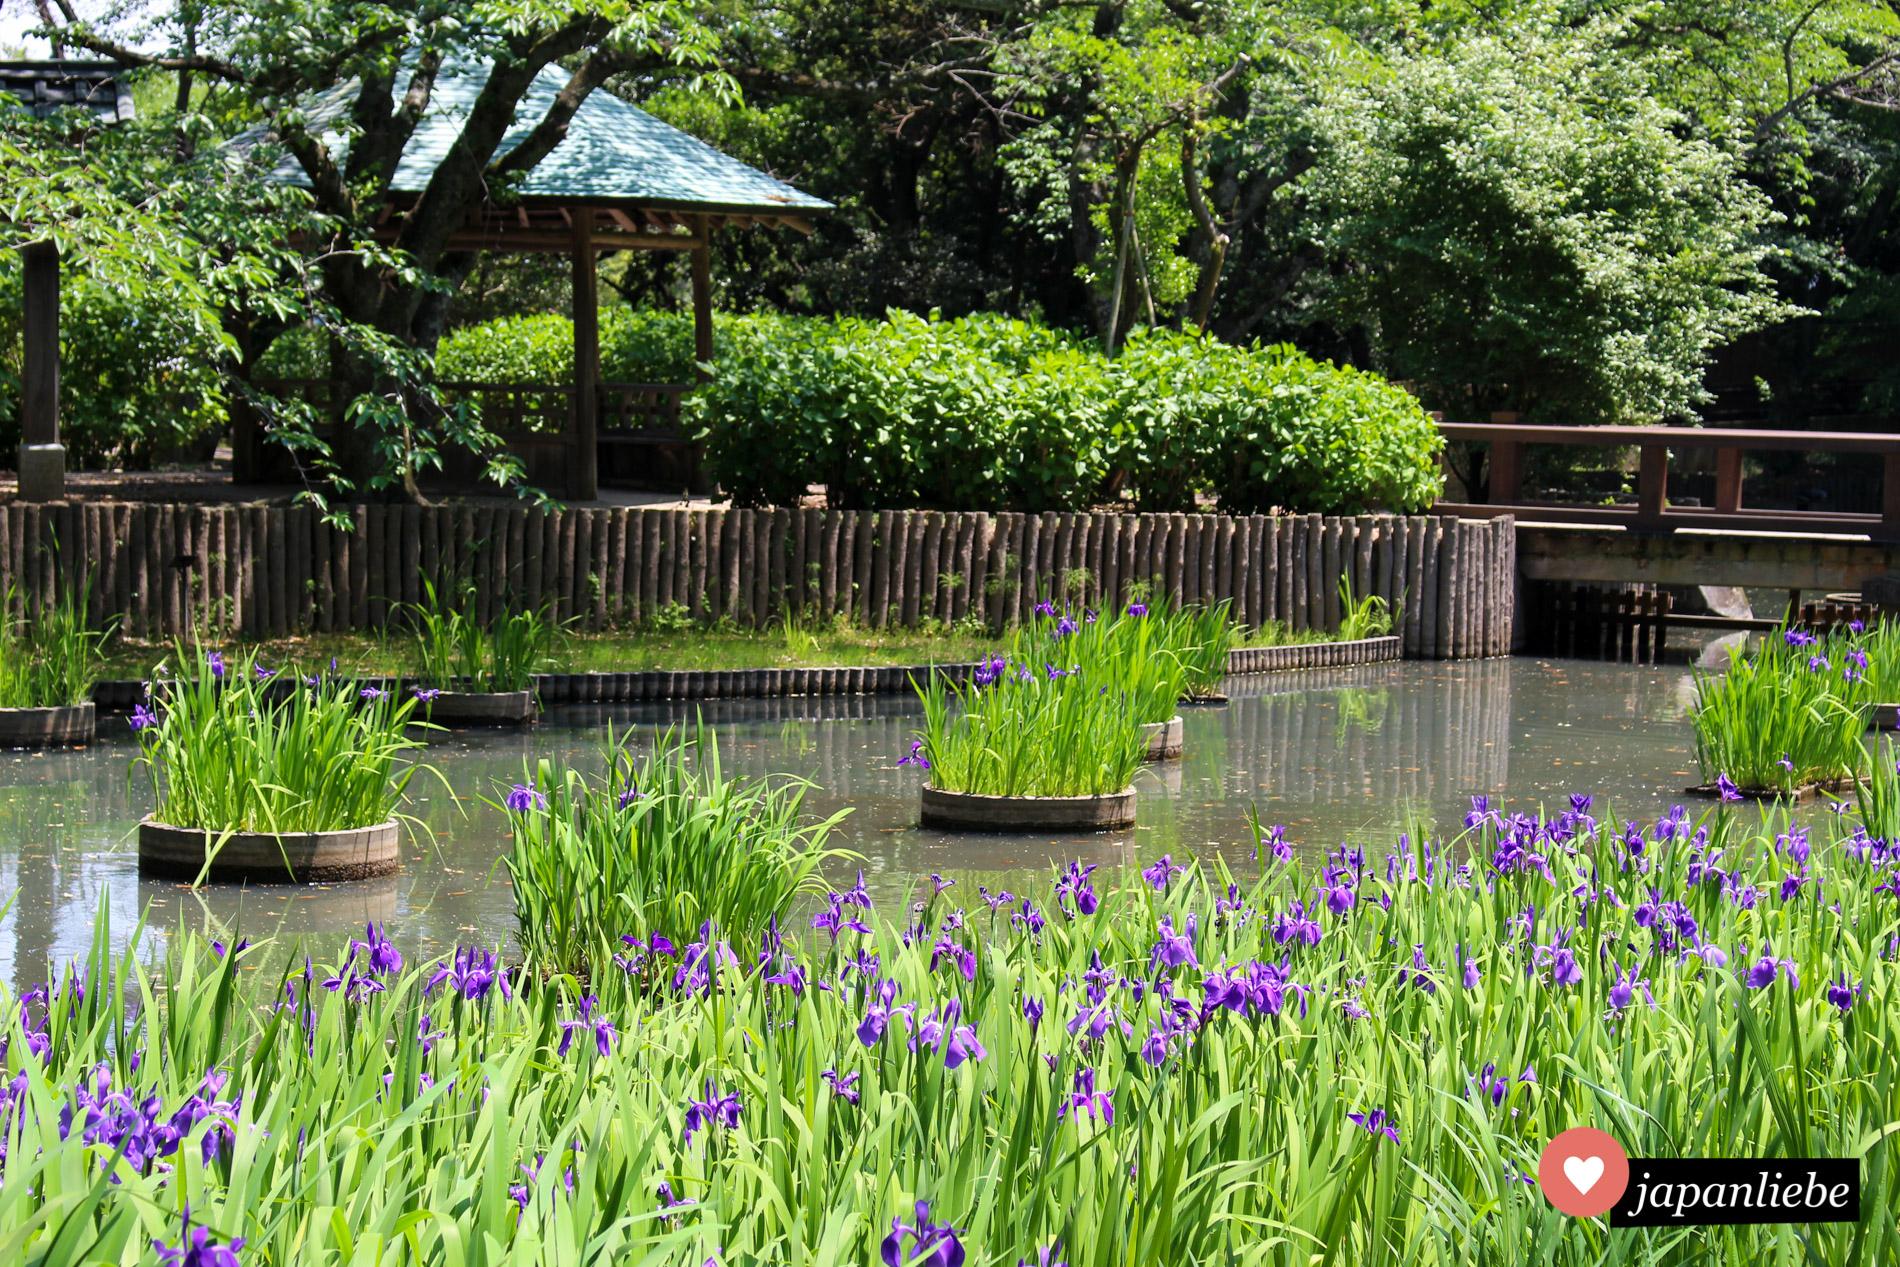 Iris steht im Mai in voller Blüte, so wie hier an einem Teich beim Izumo Taisha Schrein.